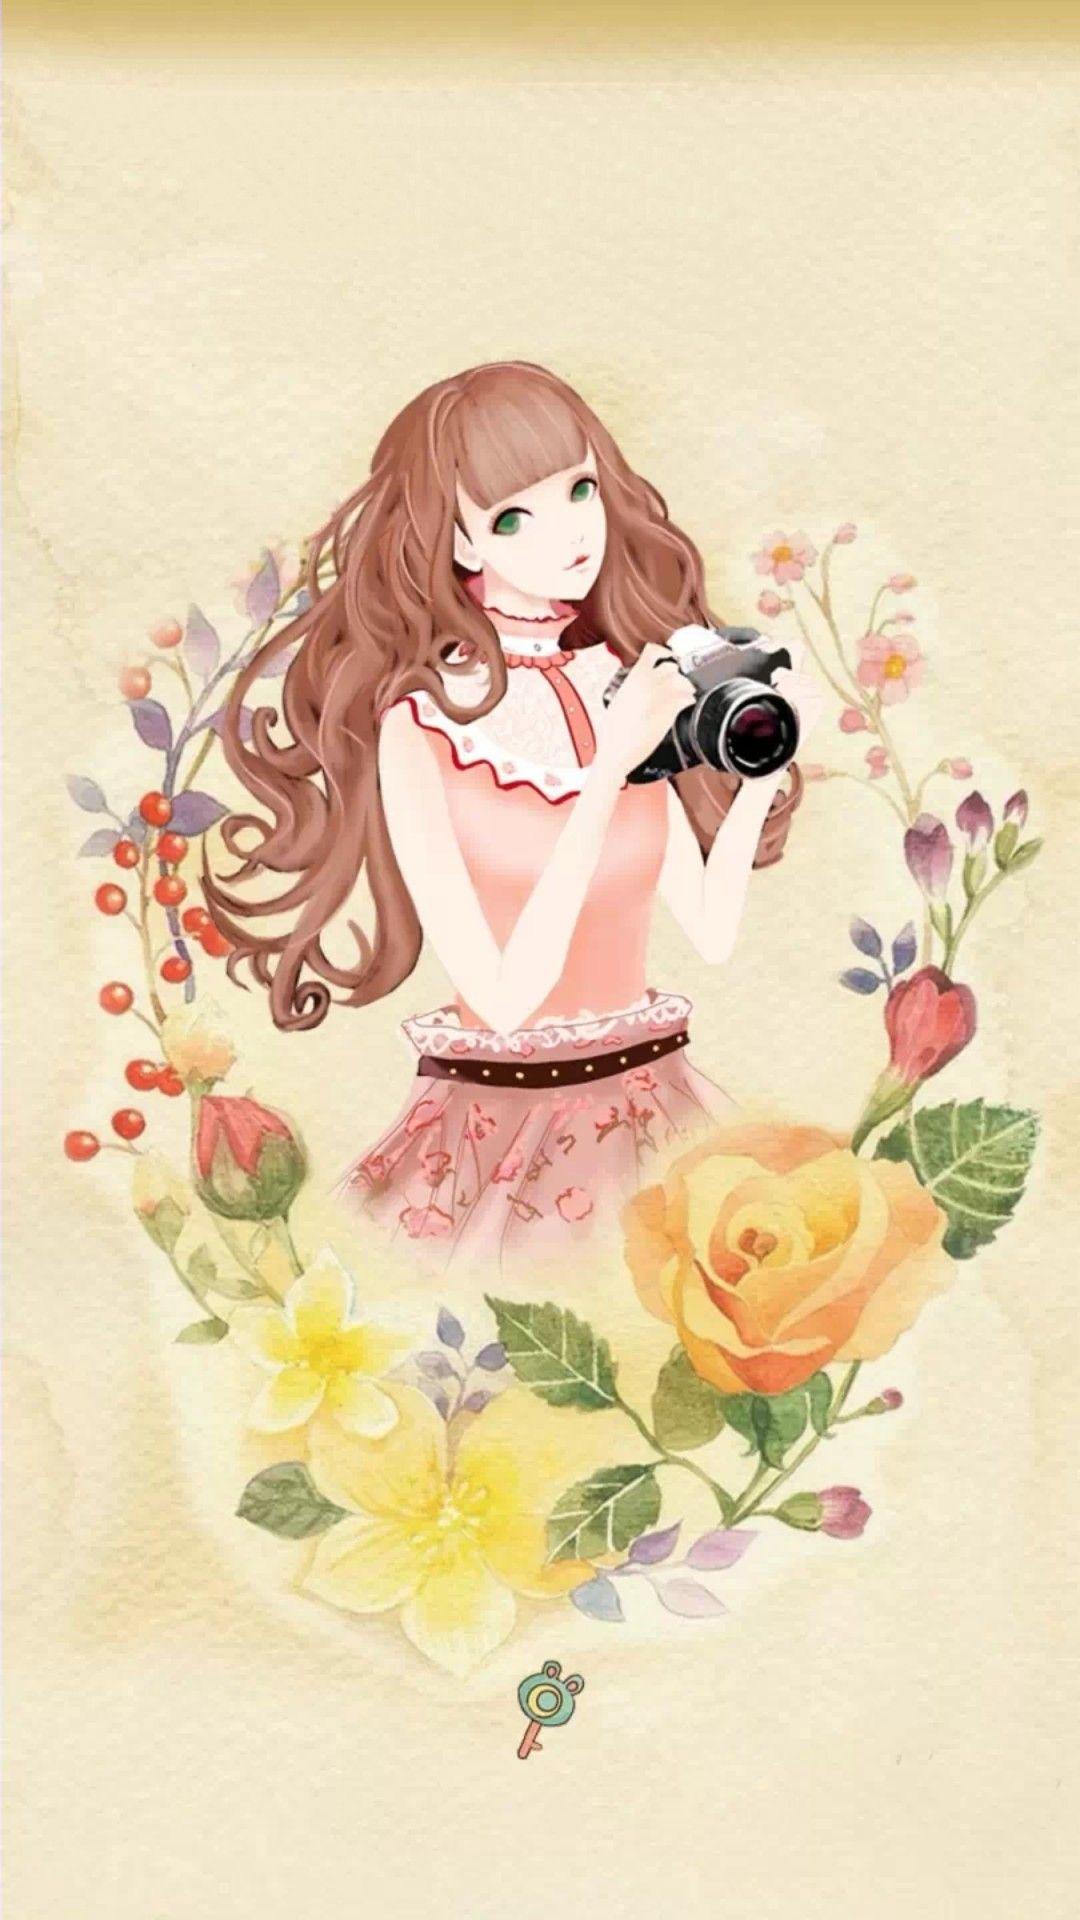 Pin oleh ROSE di Wallpaper 2 Seni anime, Seni